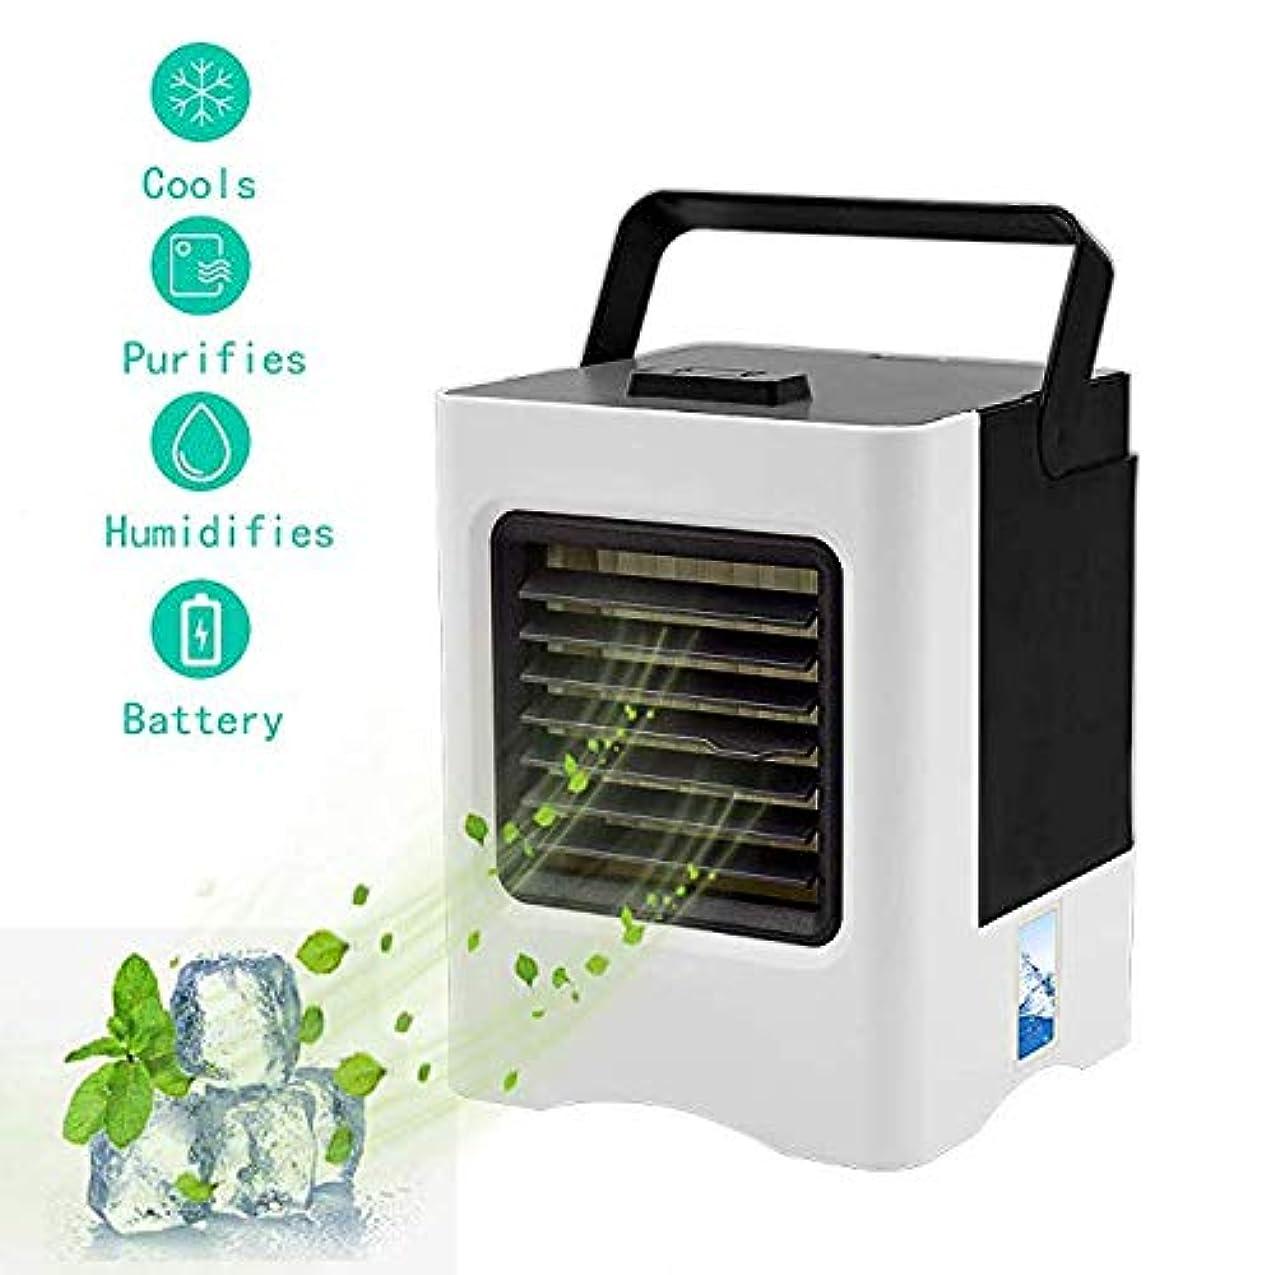 フットボール安全送金個人的なエアコン、屋内および屋外のオフィス(3速度)のための携帯用空冷USBの充電の加湿器のデスクトップのABS材料